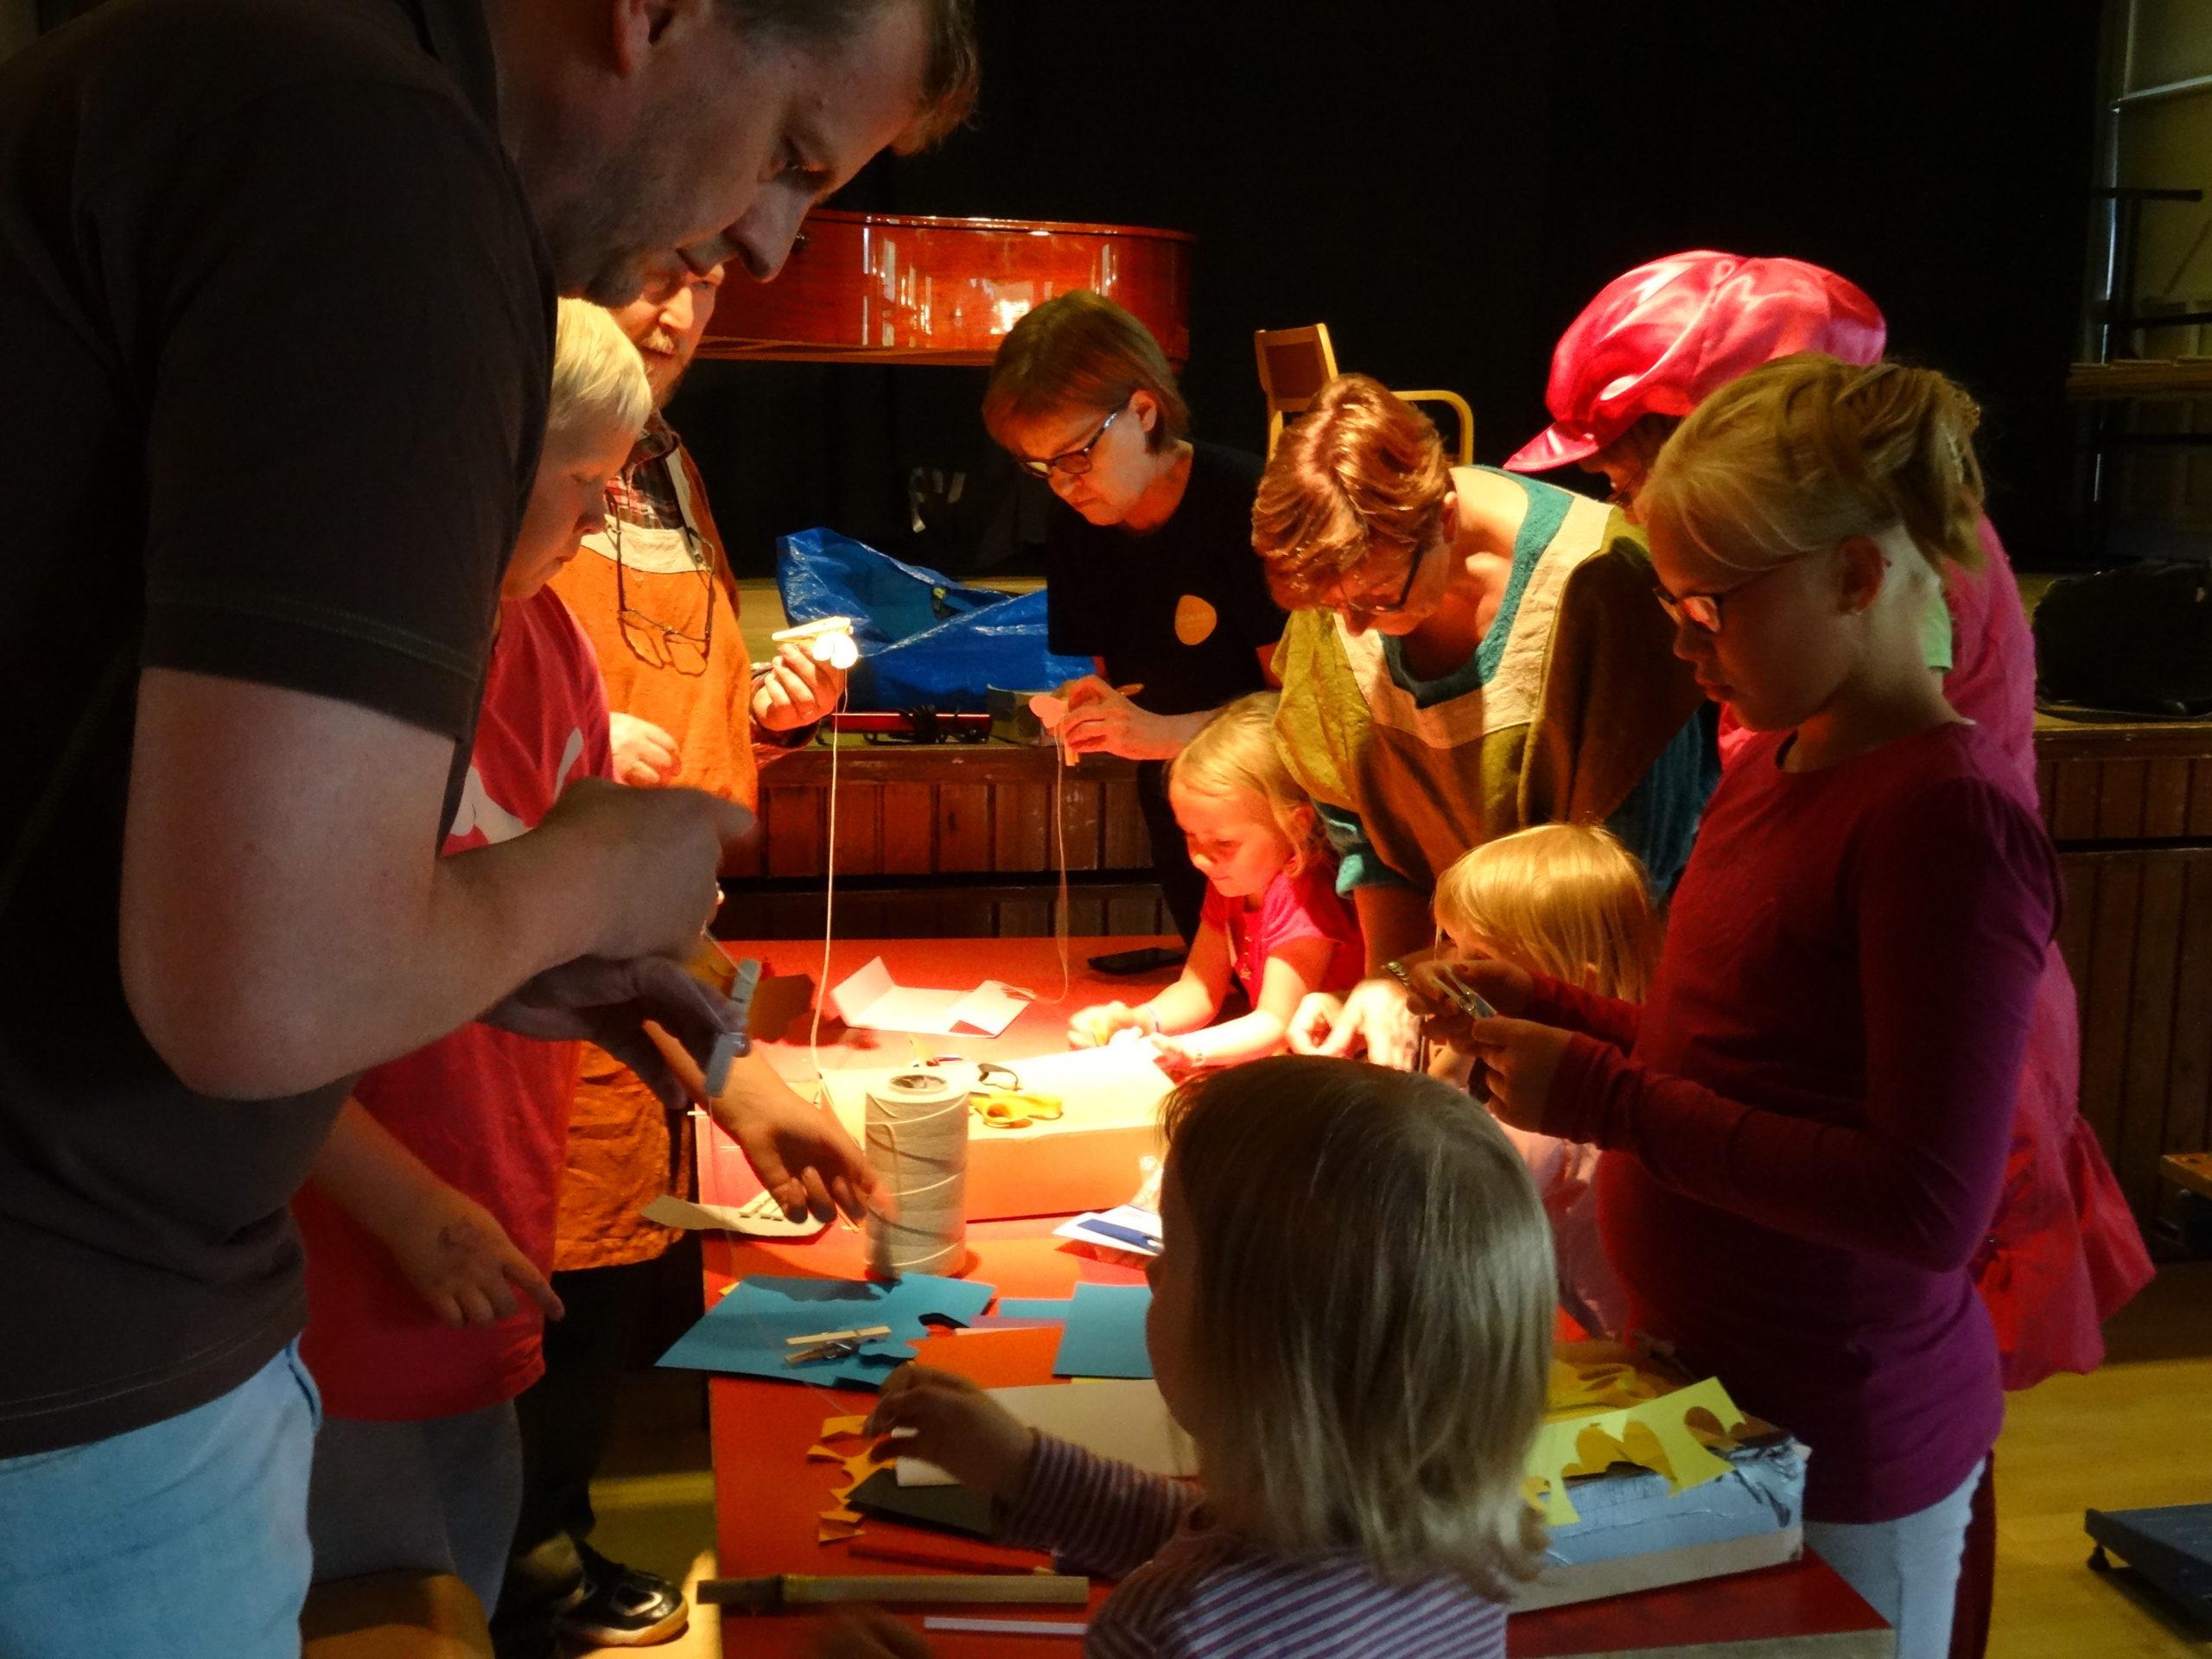 Taidetyöpaja, jossa on lapsia ja aikuisia pyödän äärellä askartelemassa eri materiaaleista taideteoksia.